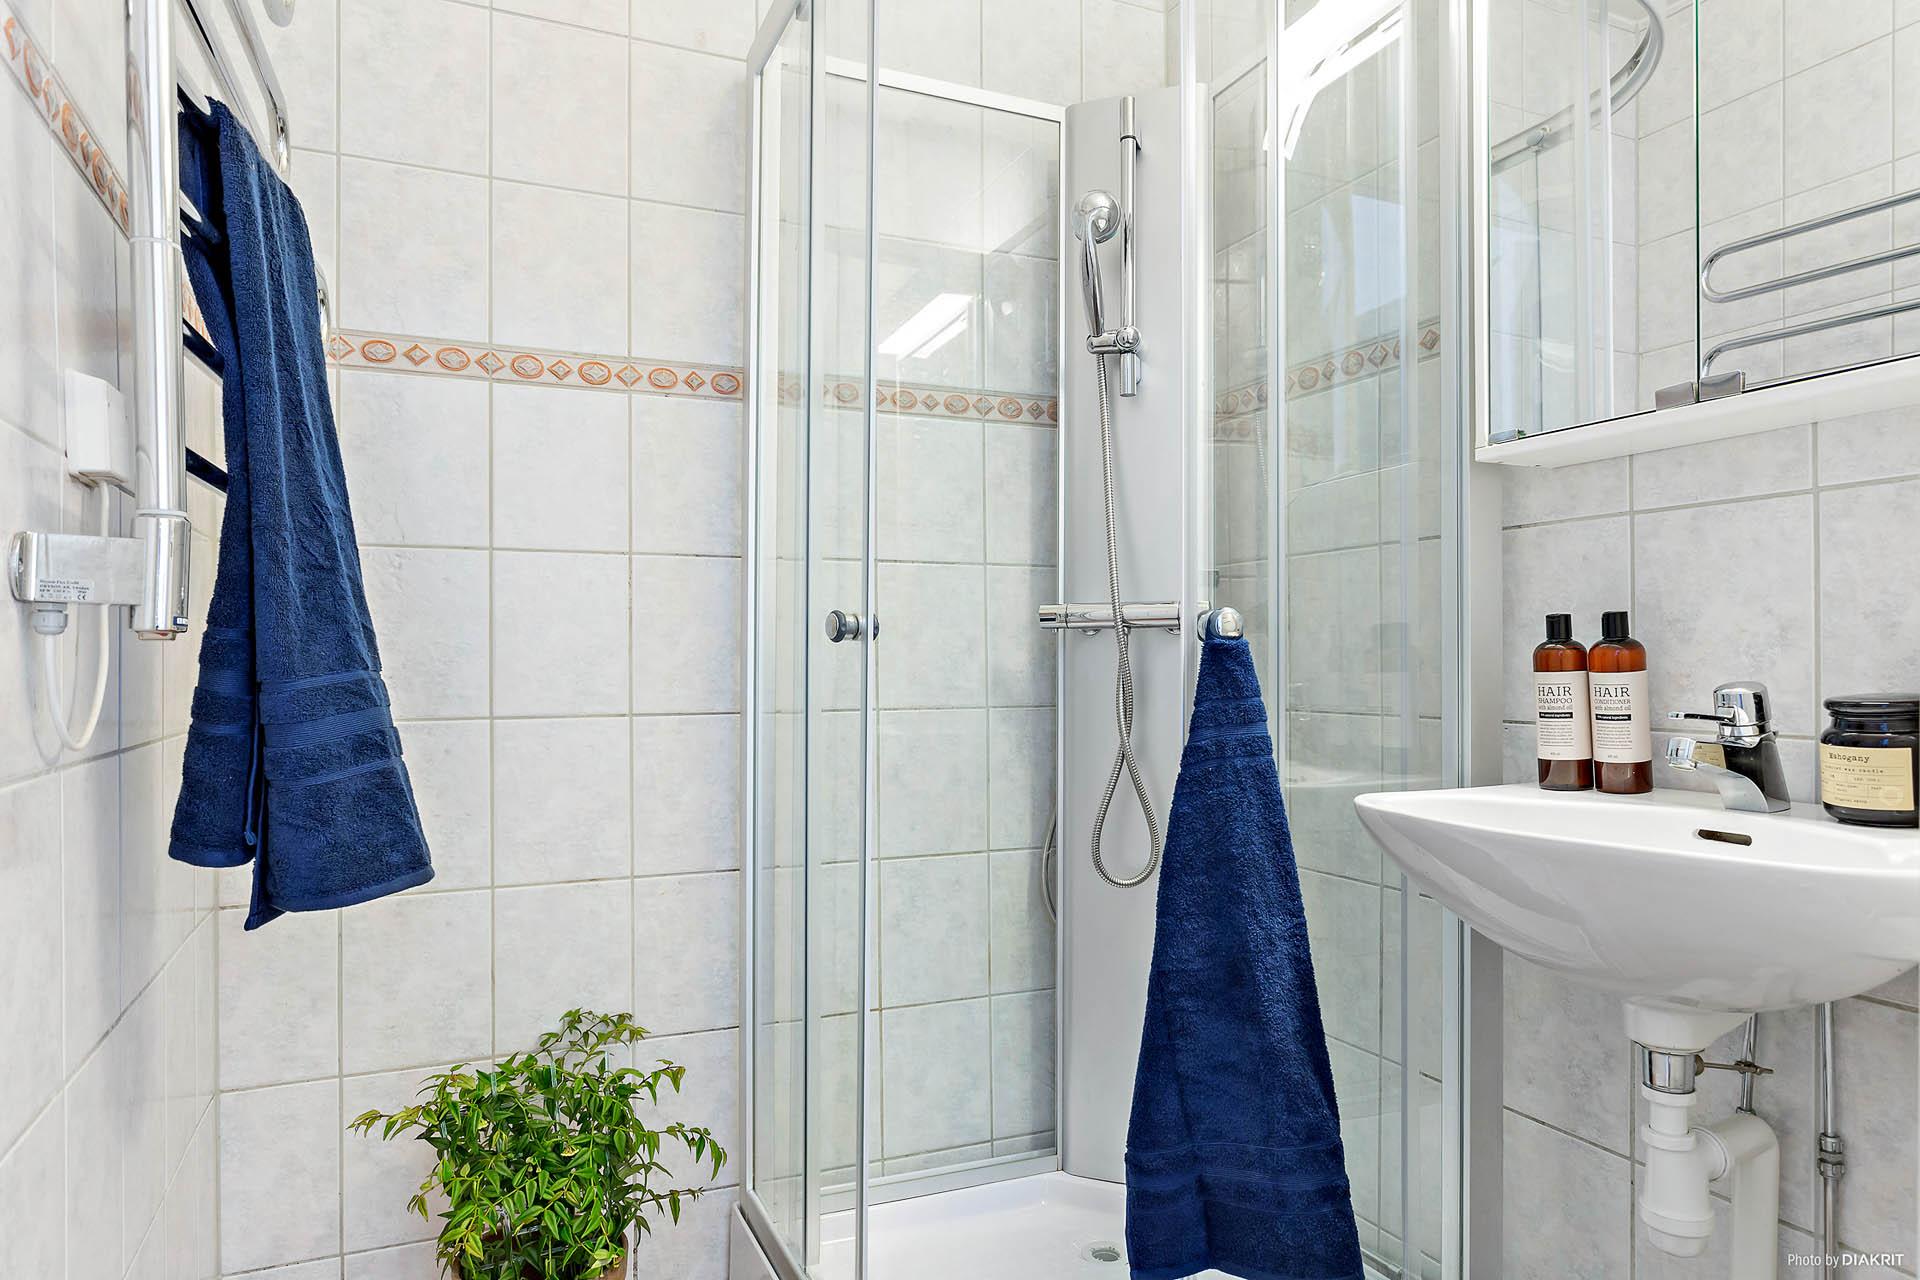 Helkaklat duschrum med kabin och handfat